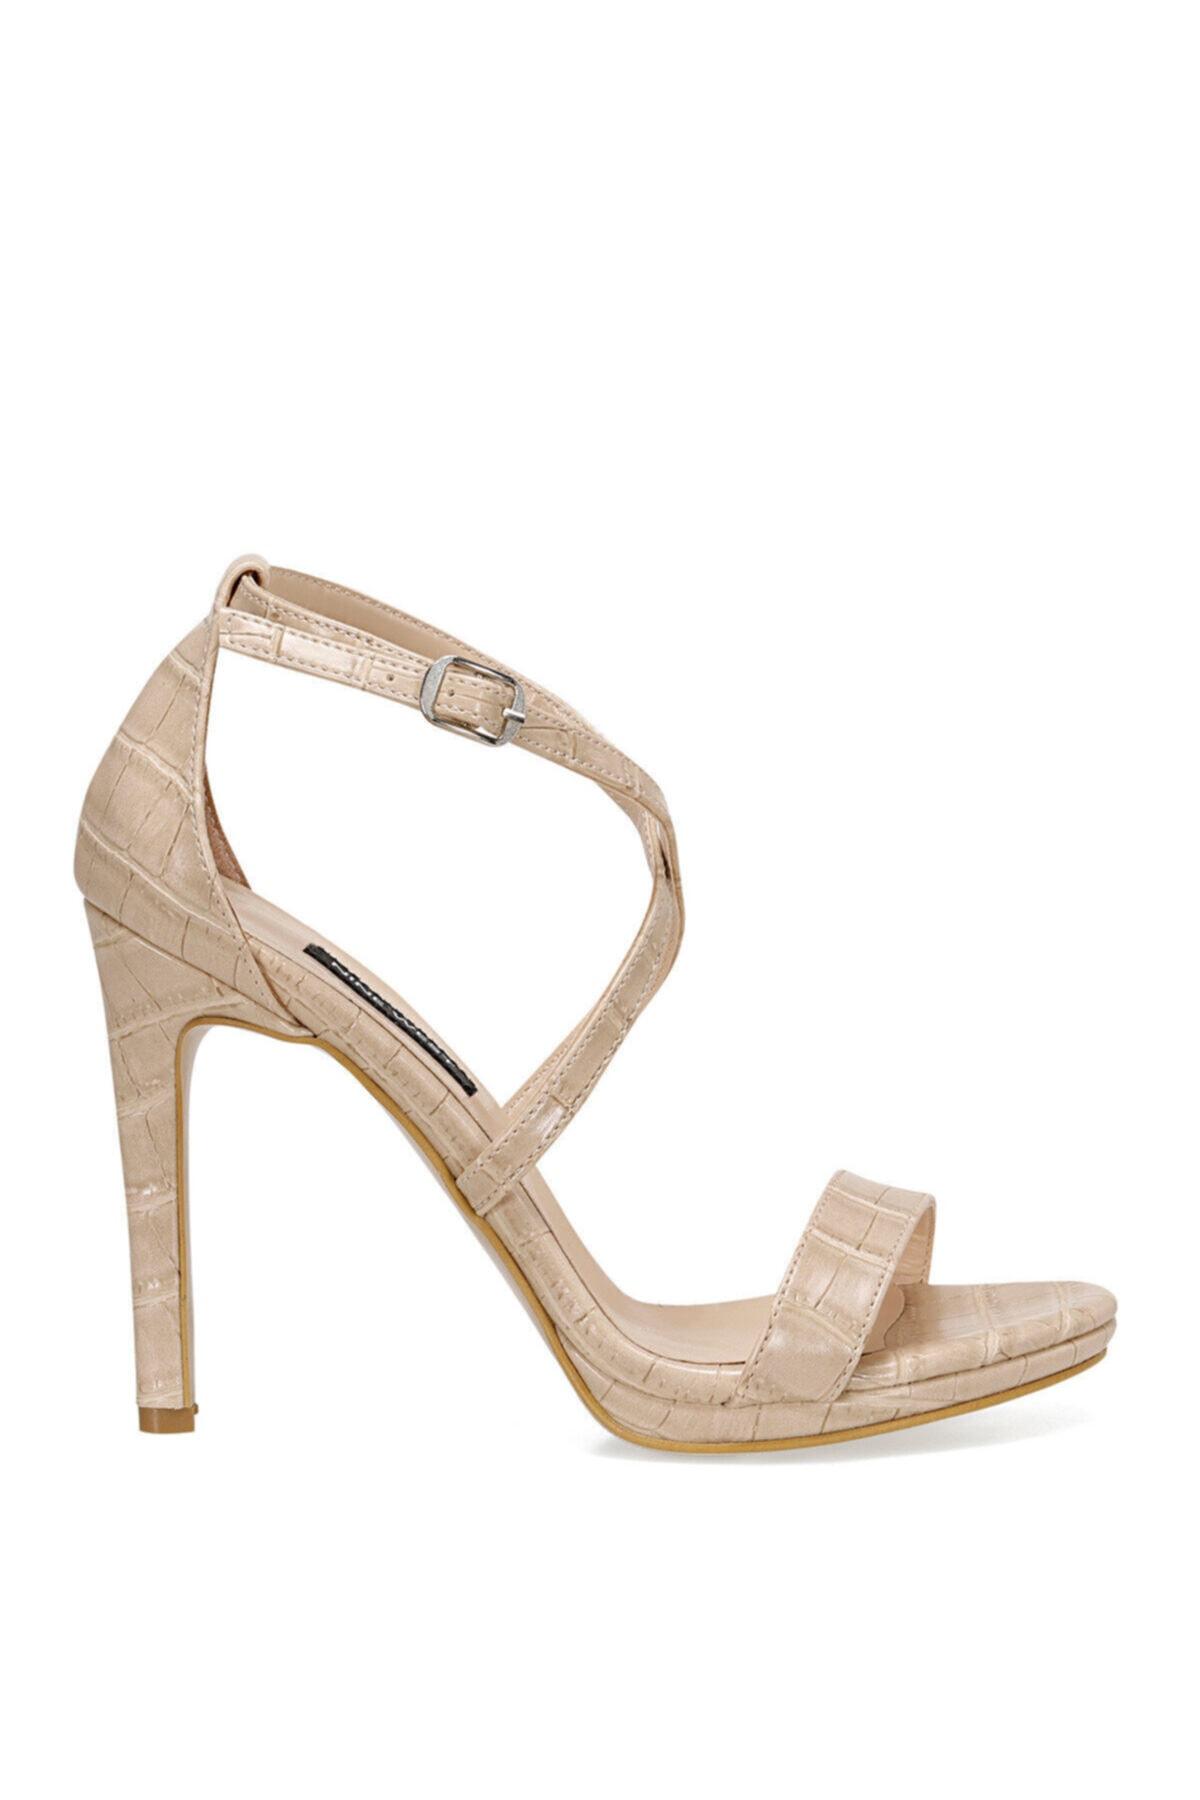 Nine West Celan2 Krem Kadın Topuklu Sandalet 1